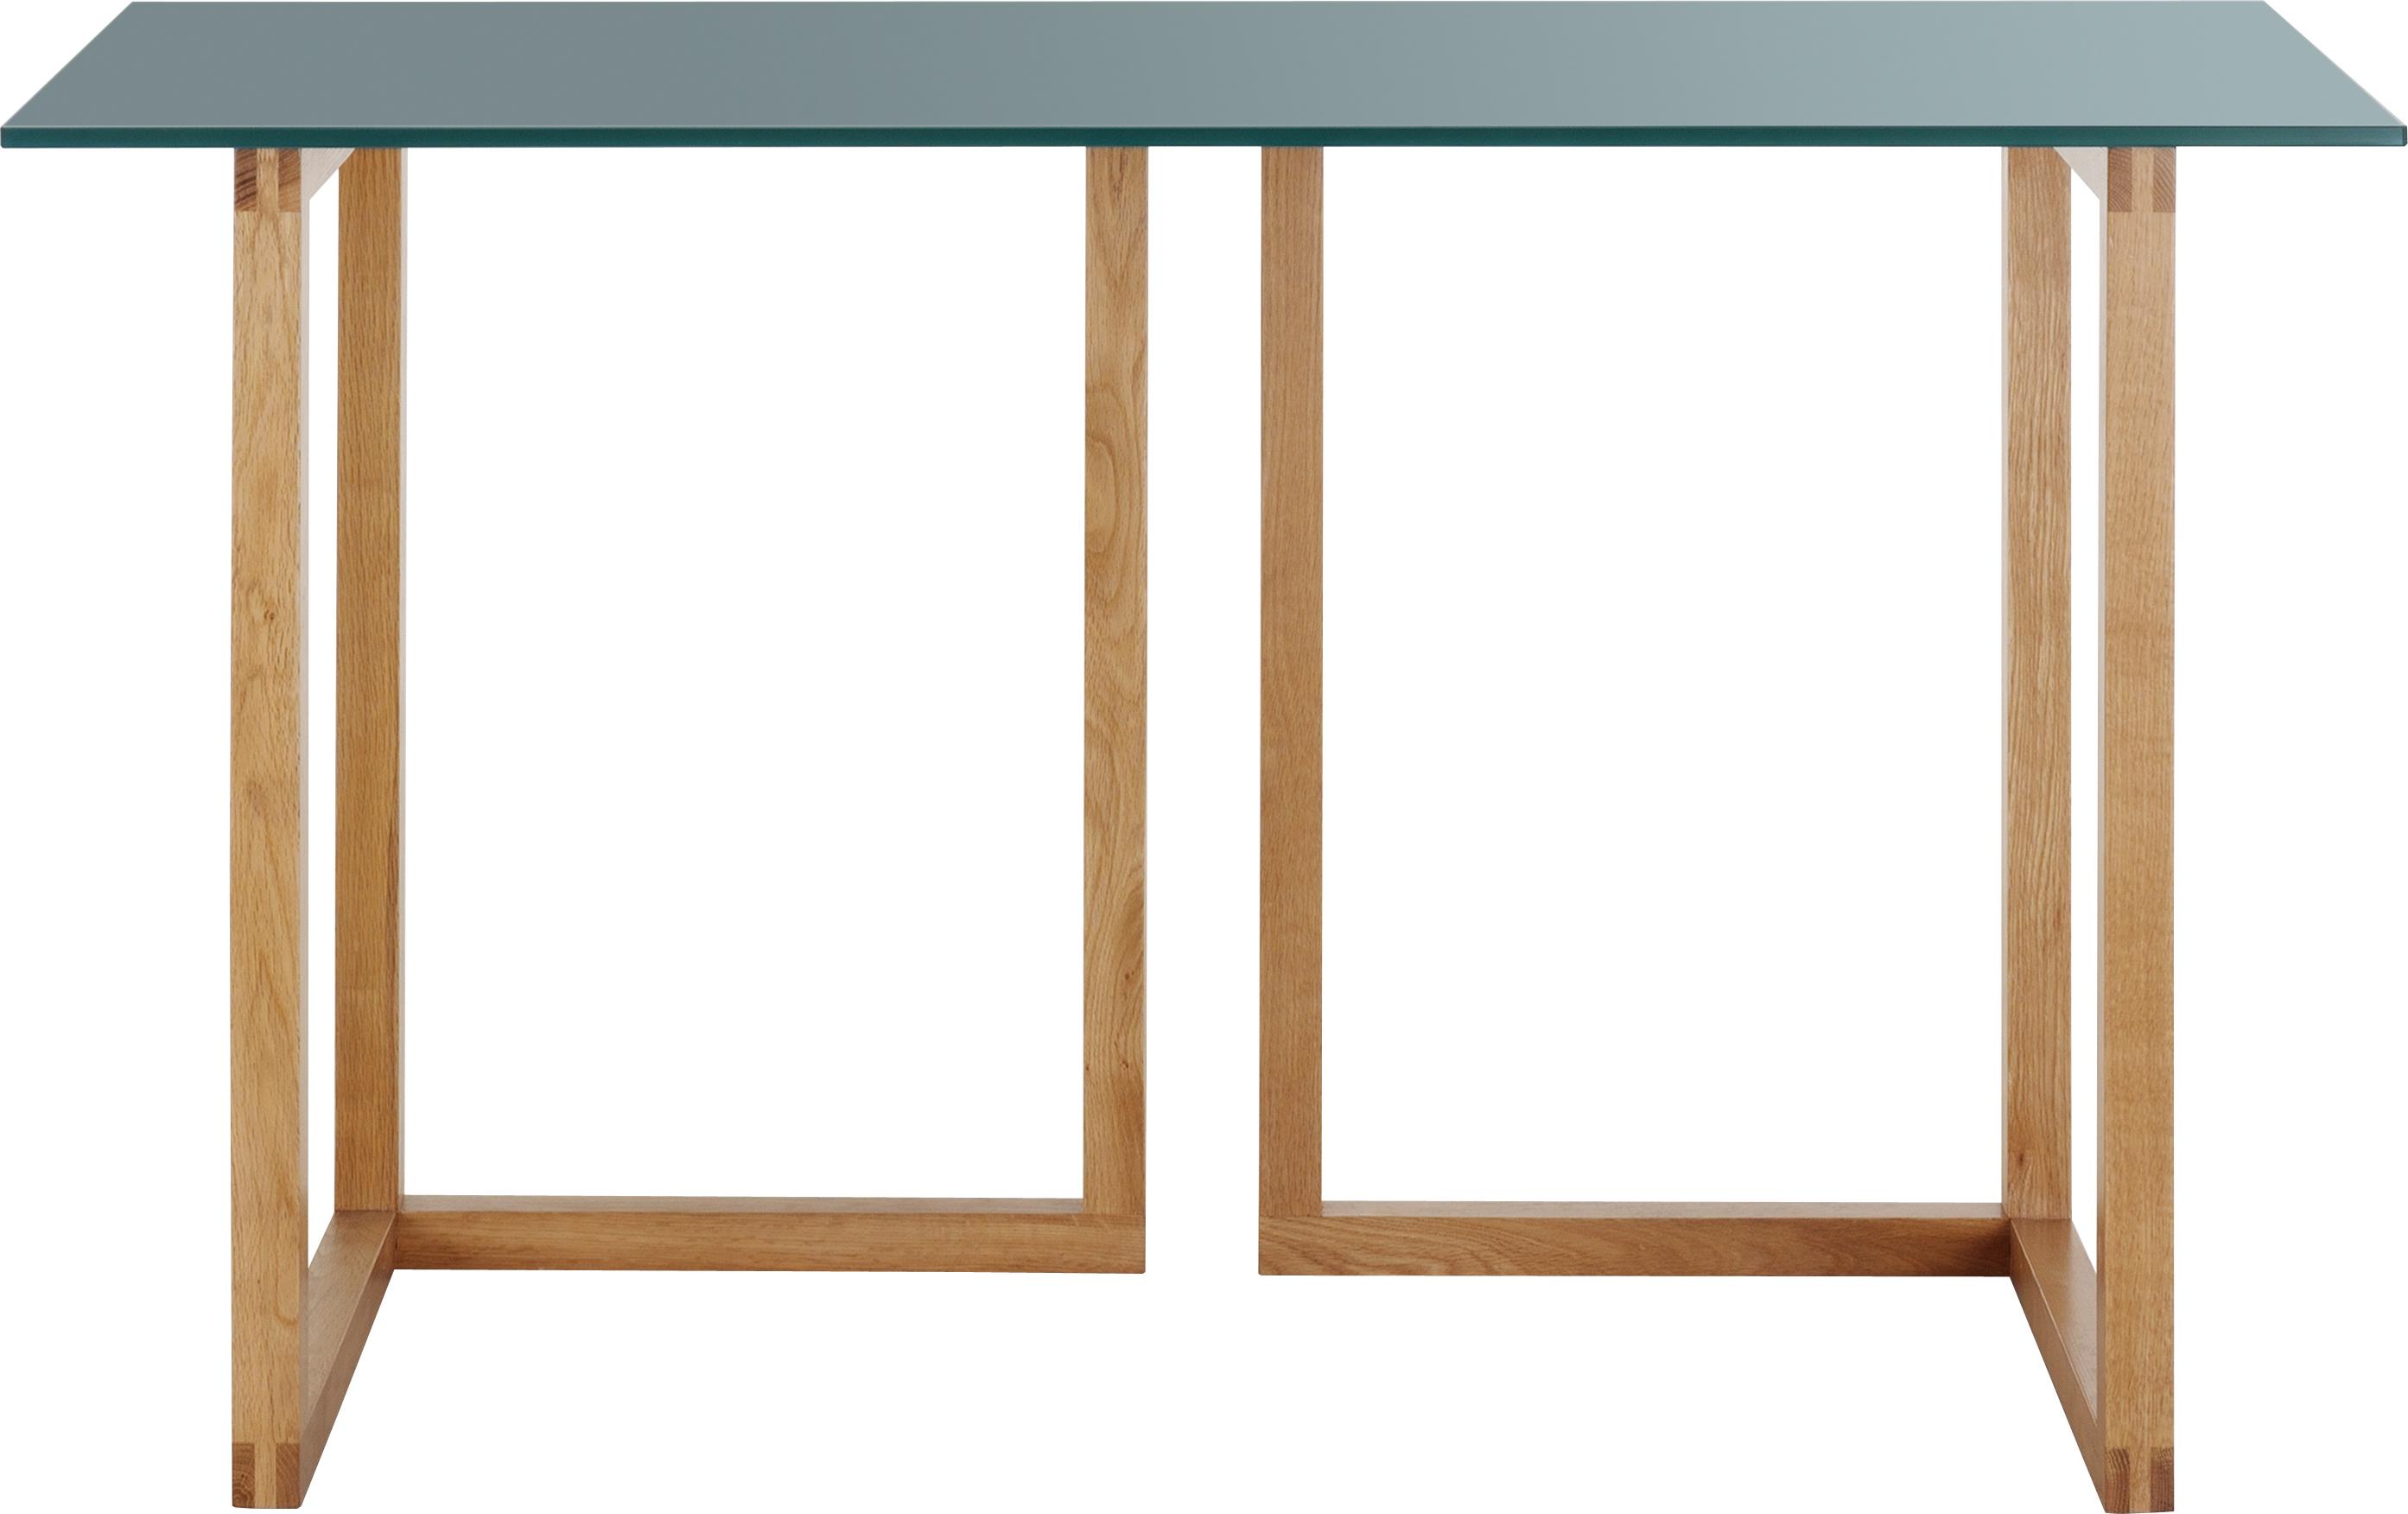 kusa tr teau habitat d co projet m pinterest tr teaux projet et d co. Black Bedroom Furniture Sets. Home Design Ideas